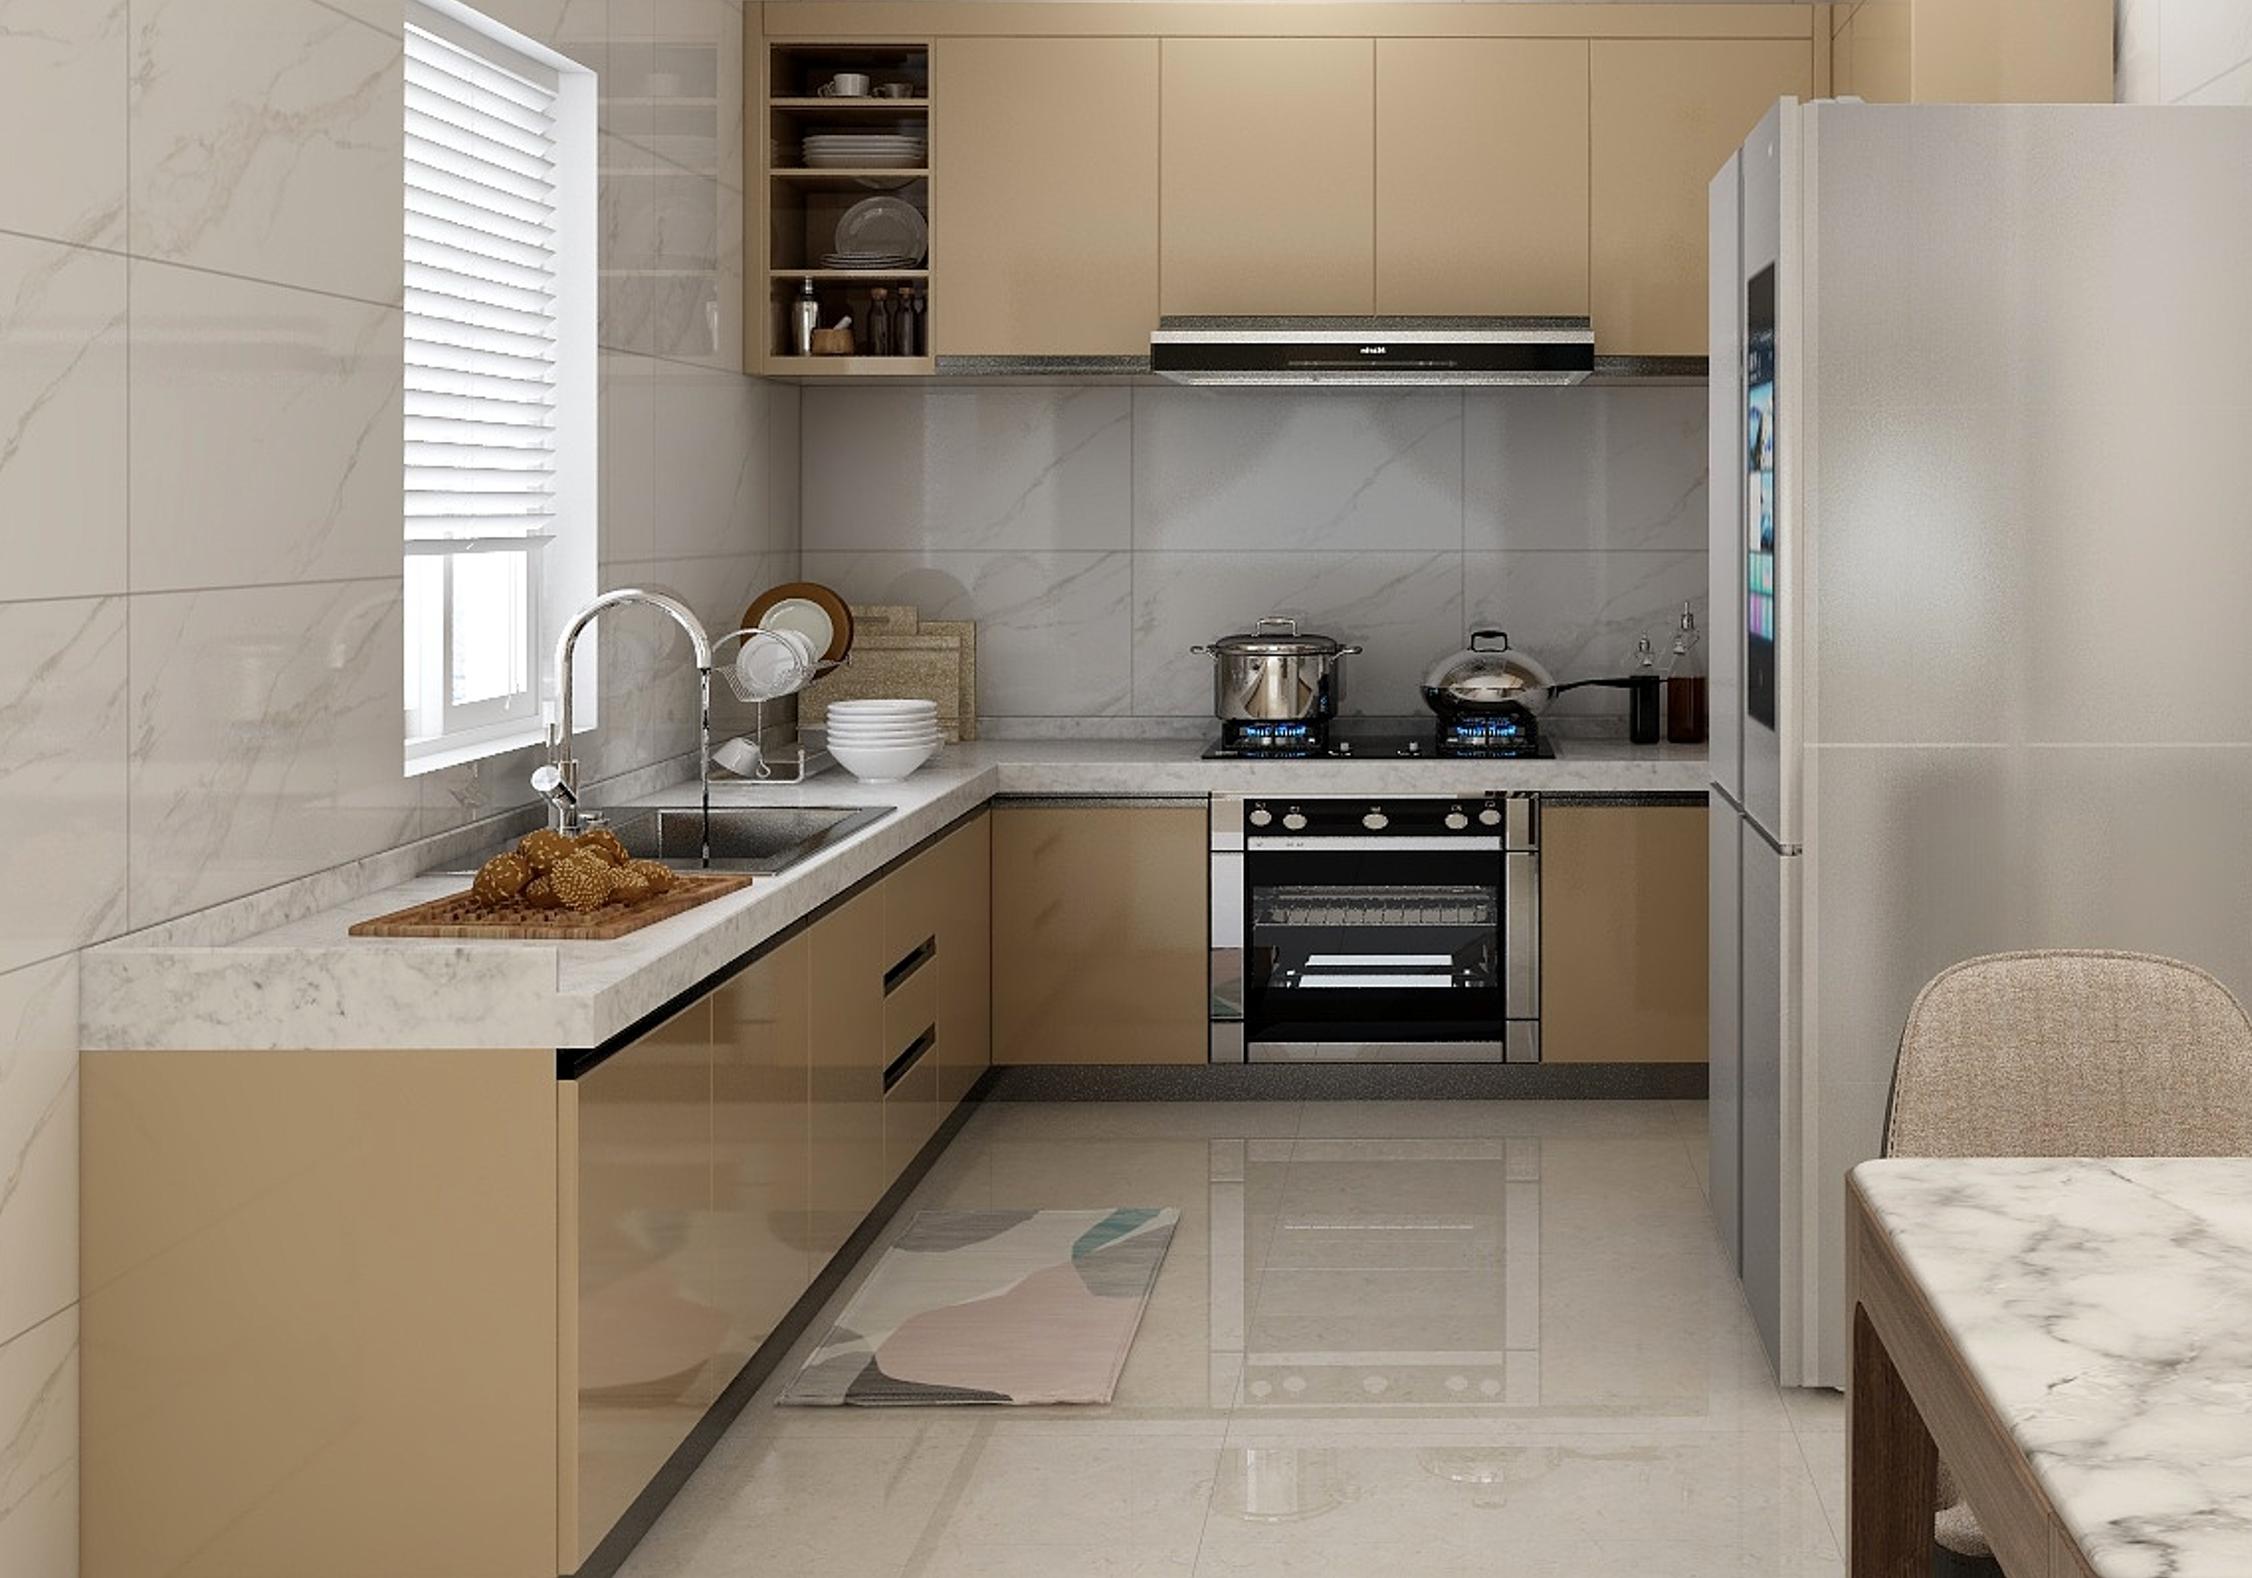 U-型的镜面厨房